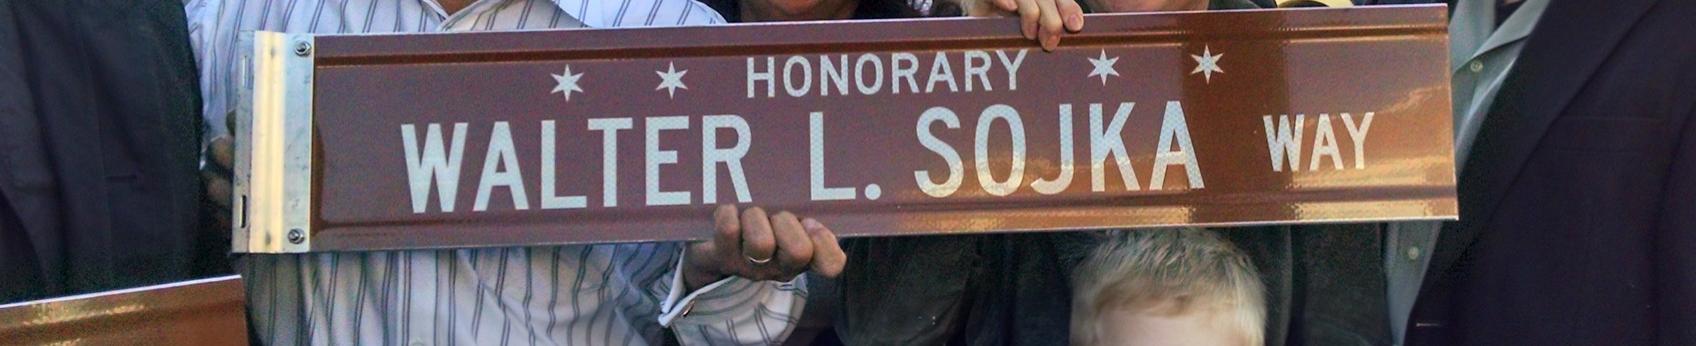 Walter L. Sojka Way honorary street designation ceremony